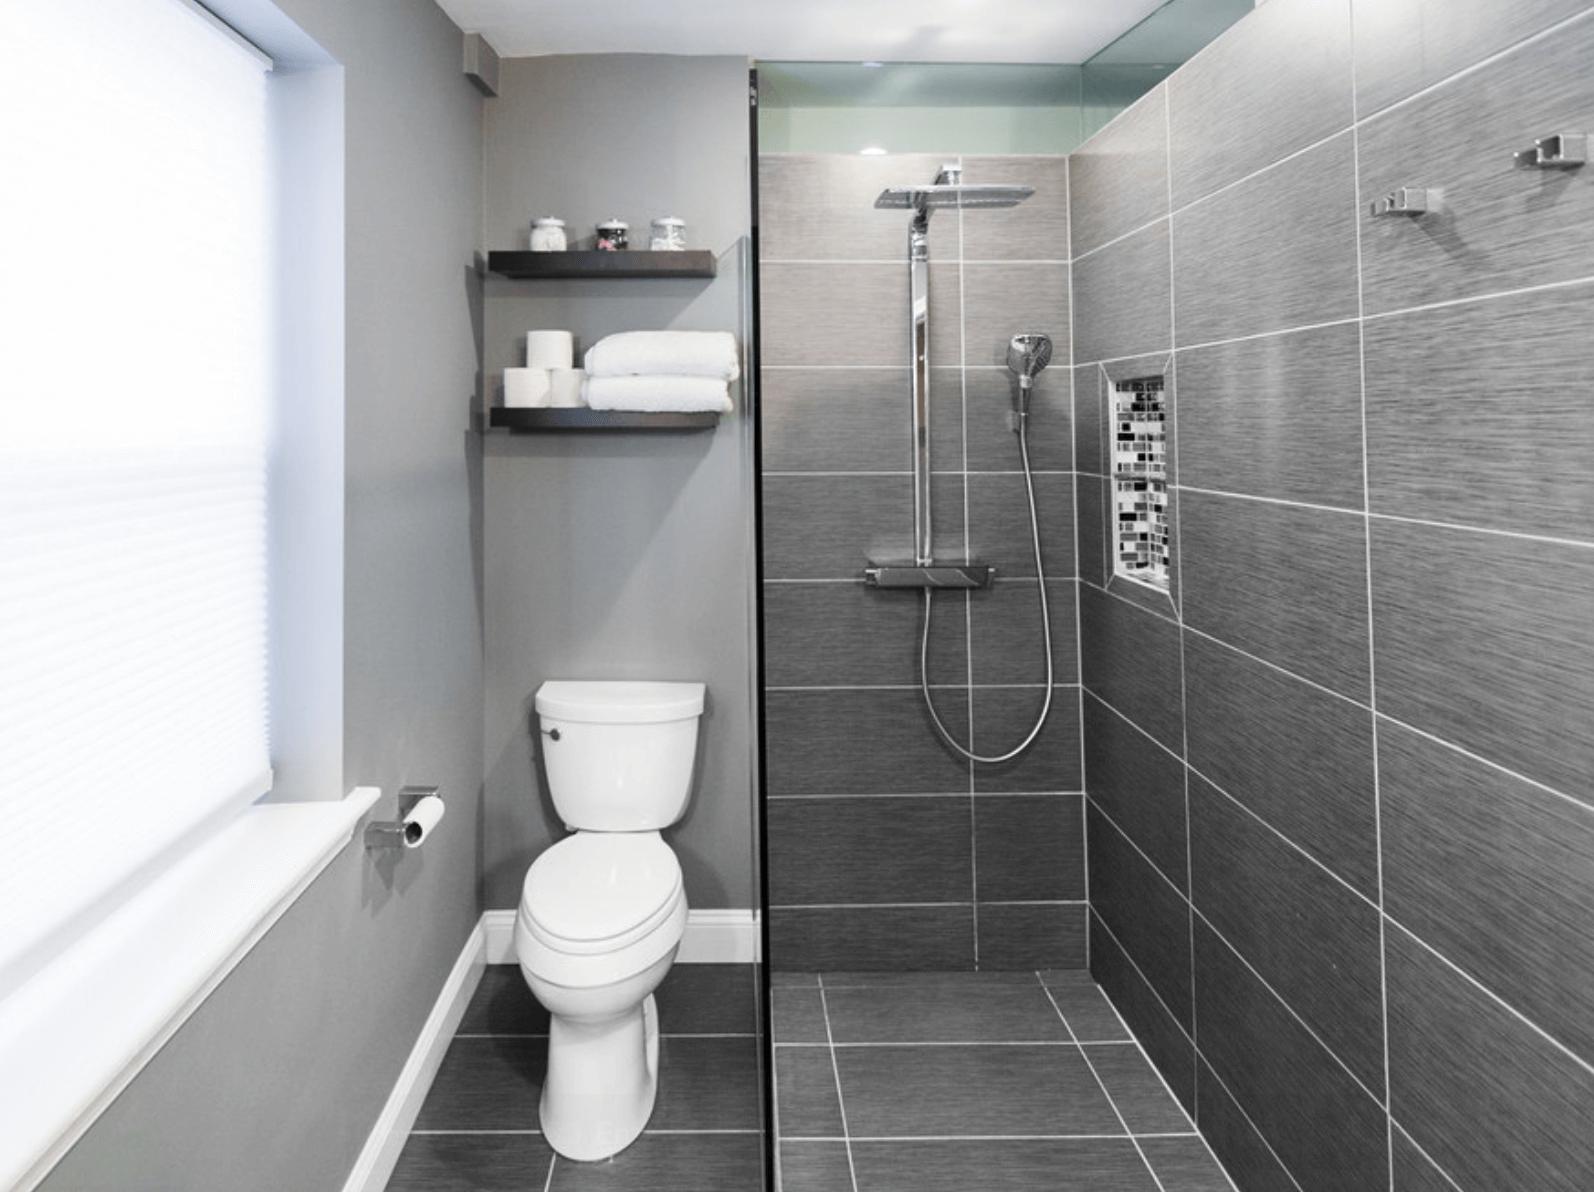 Banheiro Pequeno Arquidicas #5E6D61 1594x1192 Banheiro Antigo Como Decorar